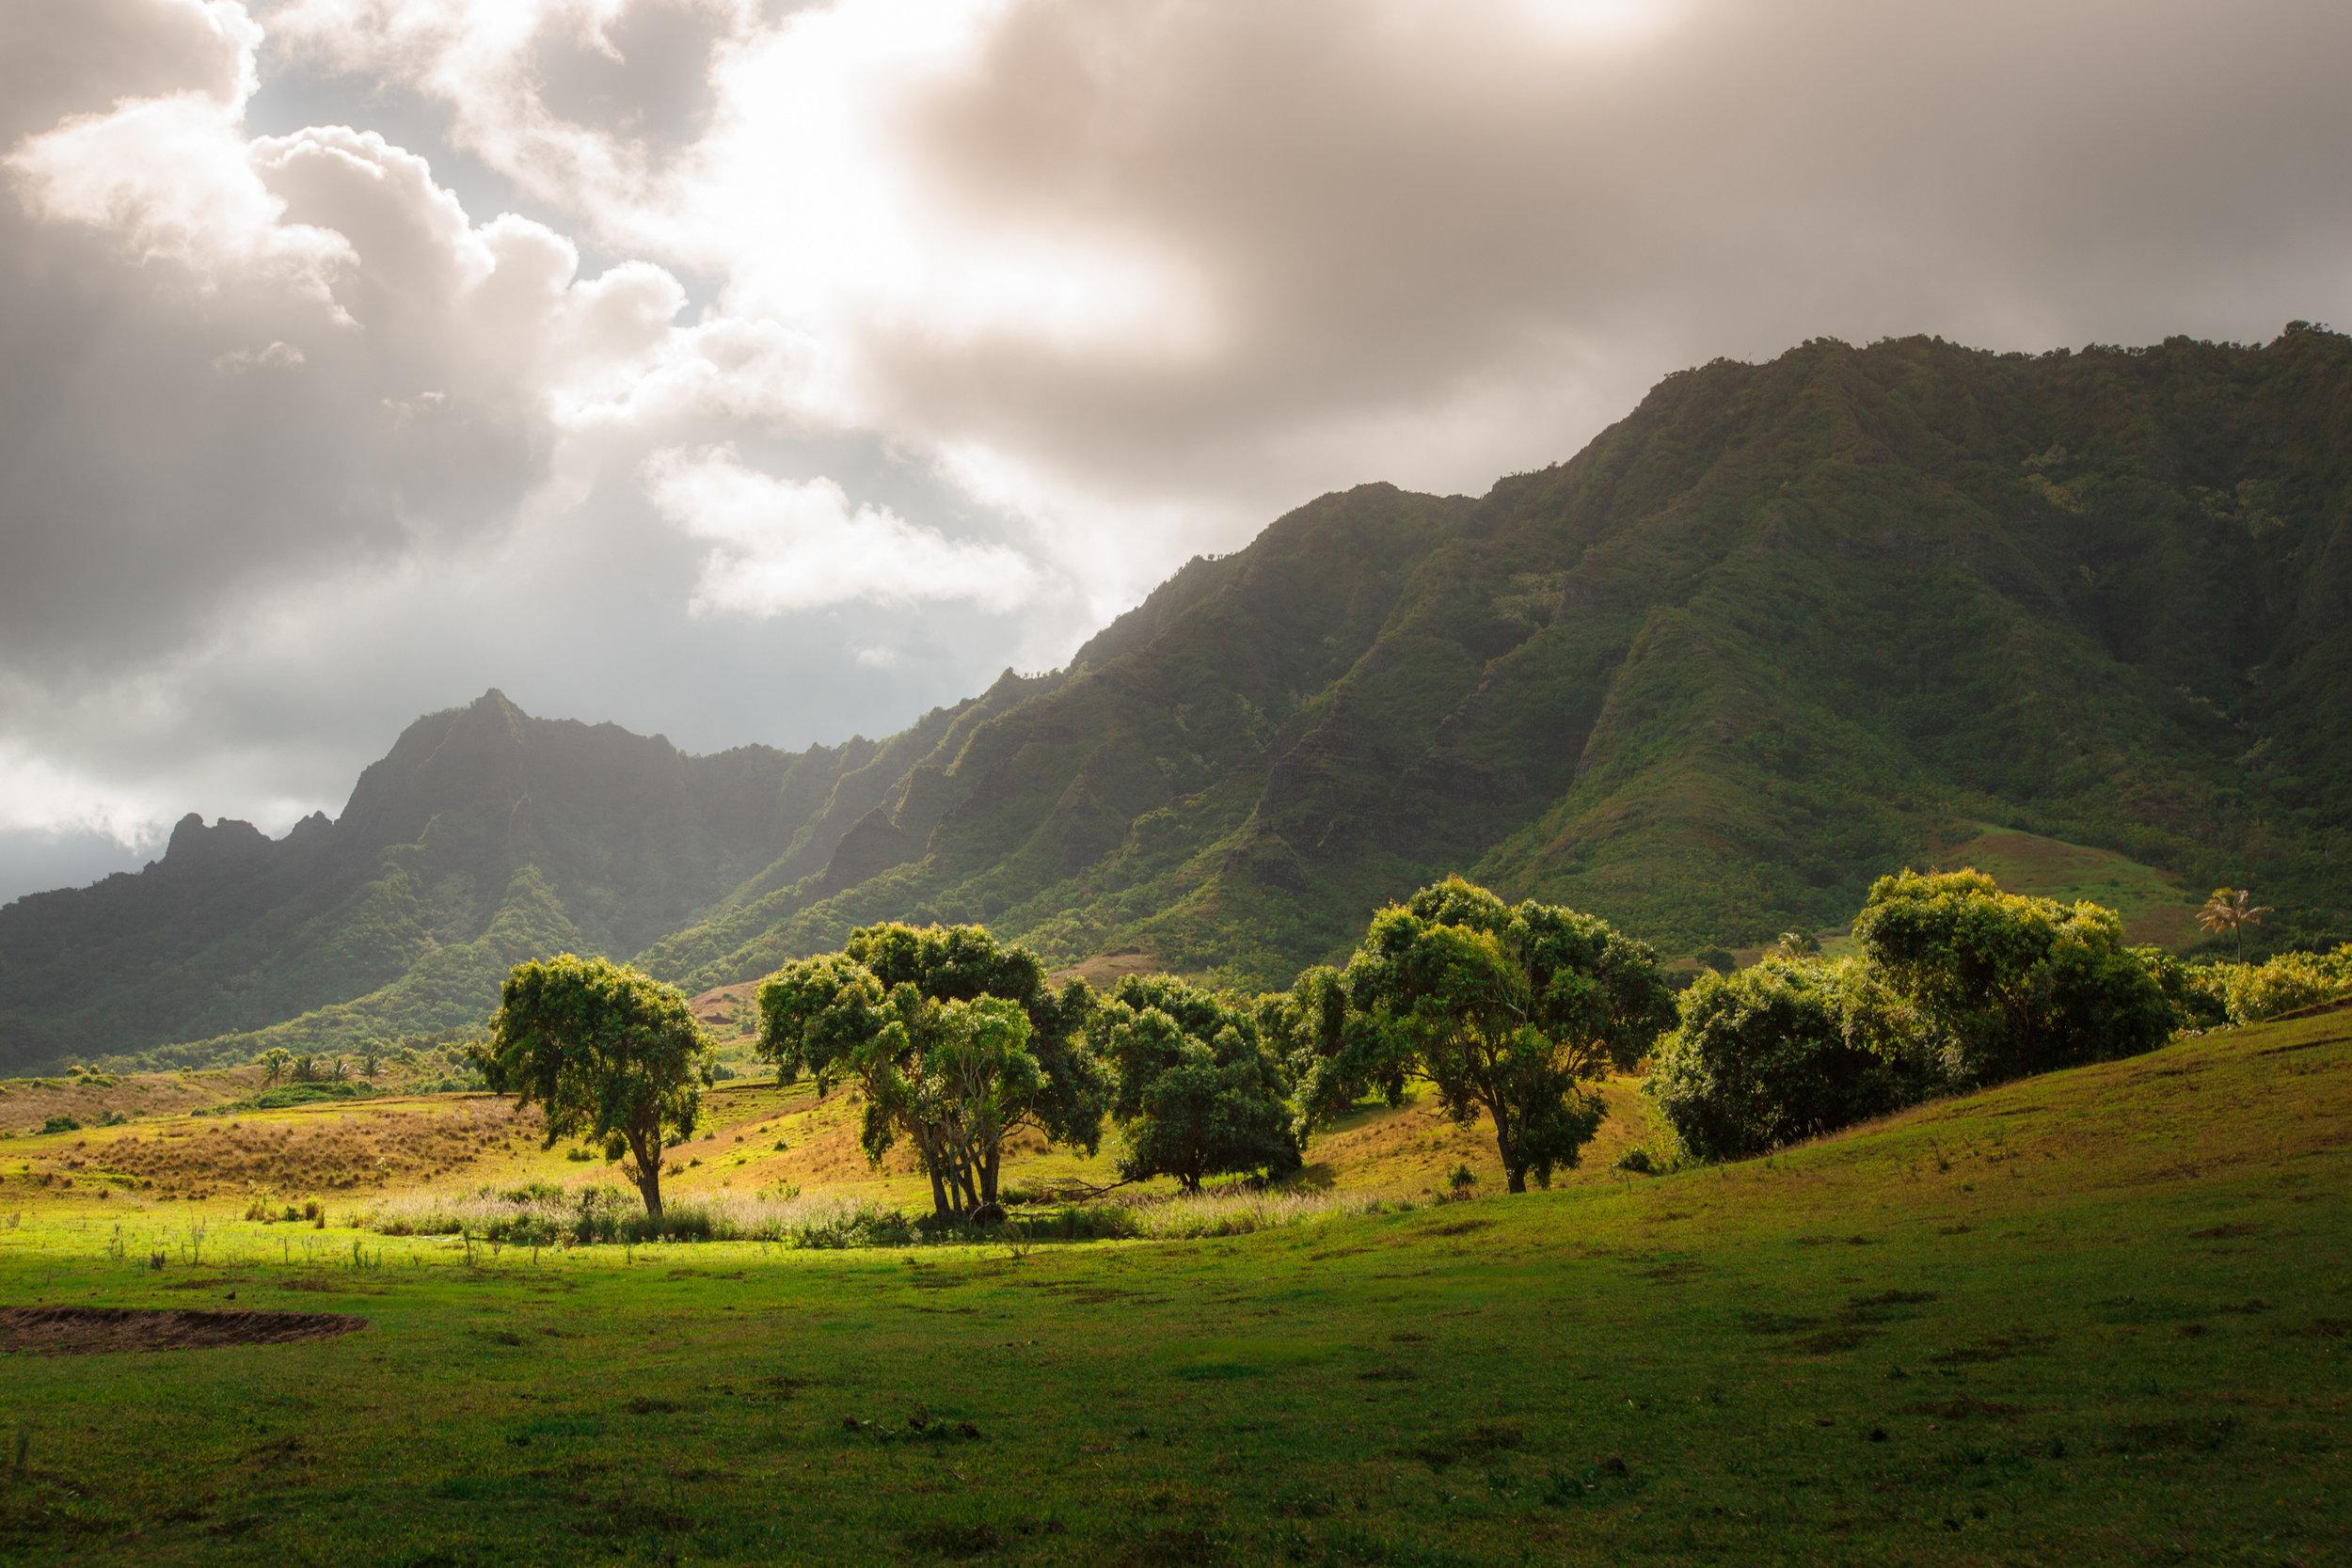 kualoa-ranch-130915-0890.jpg